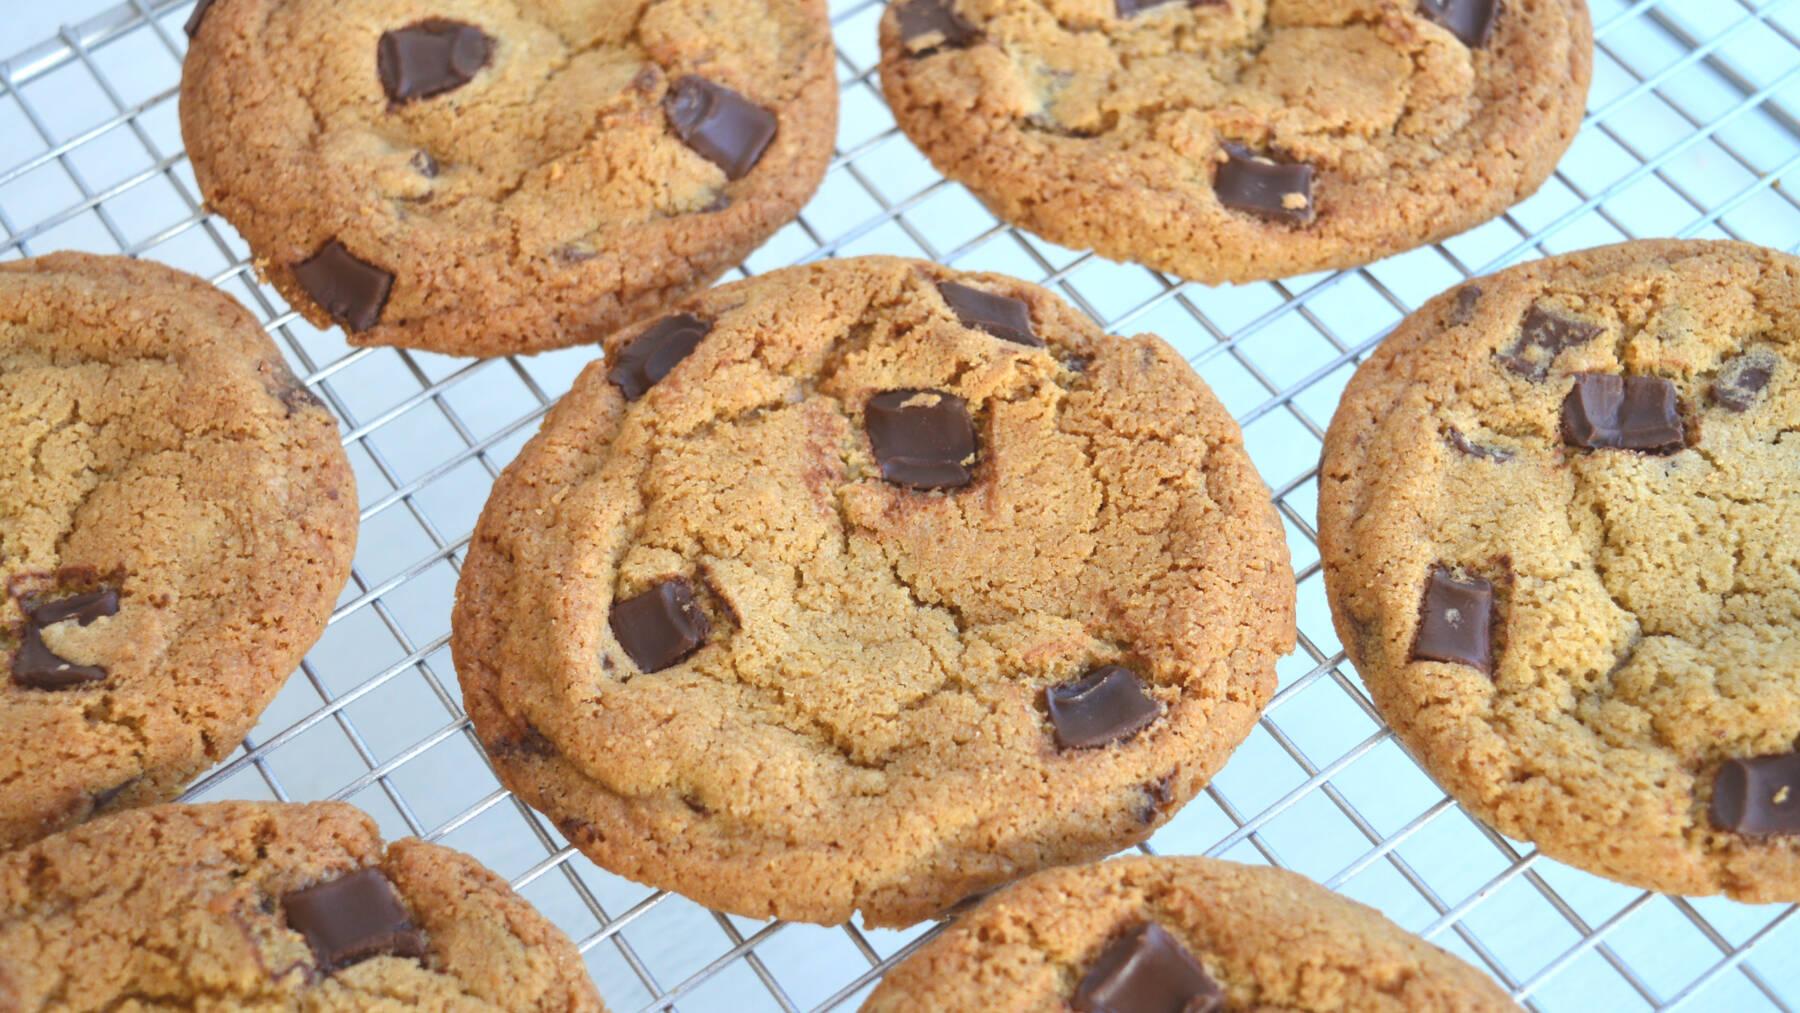 segreti per cookies americani perfetti con gocce di cioccolato